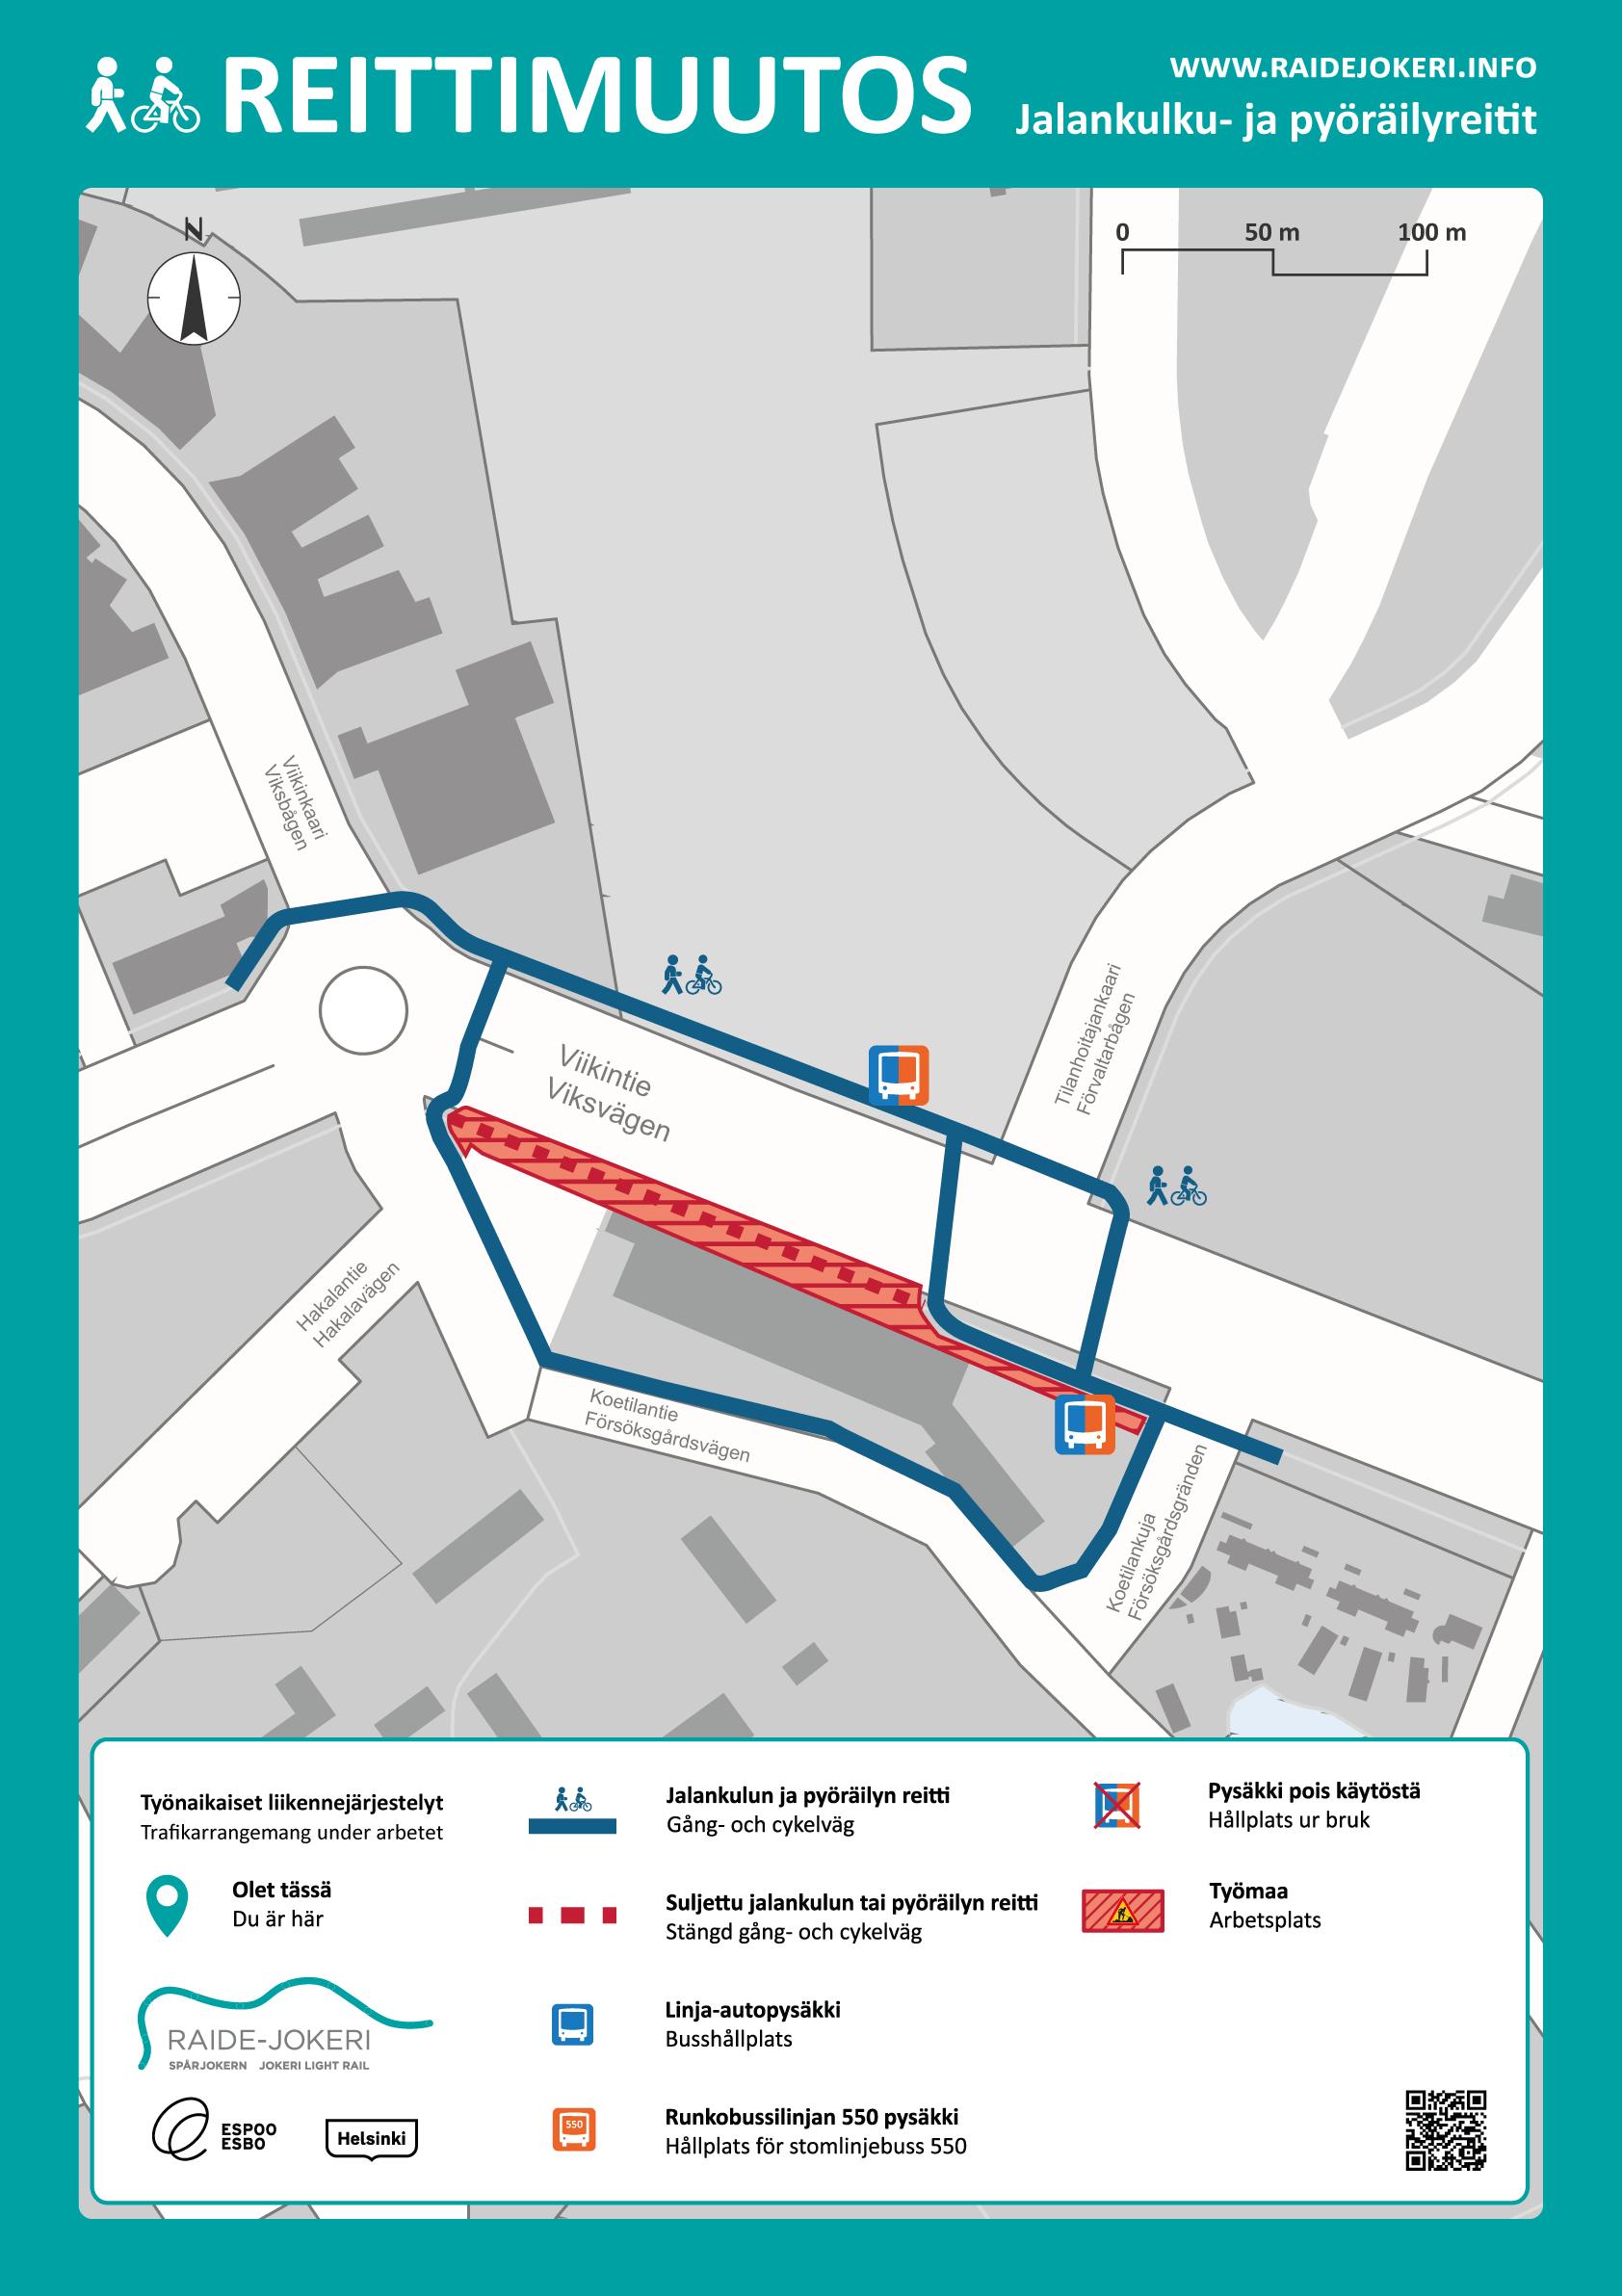 Reittimuutokset Viikinojan alueella karttakuvassa.